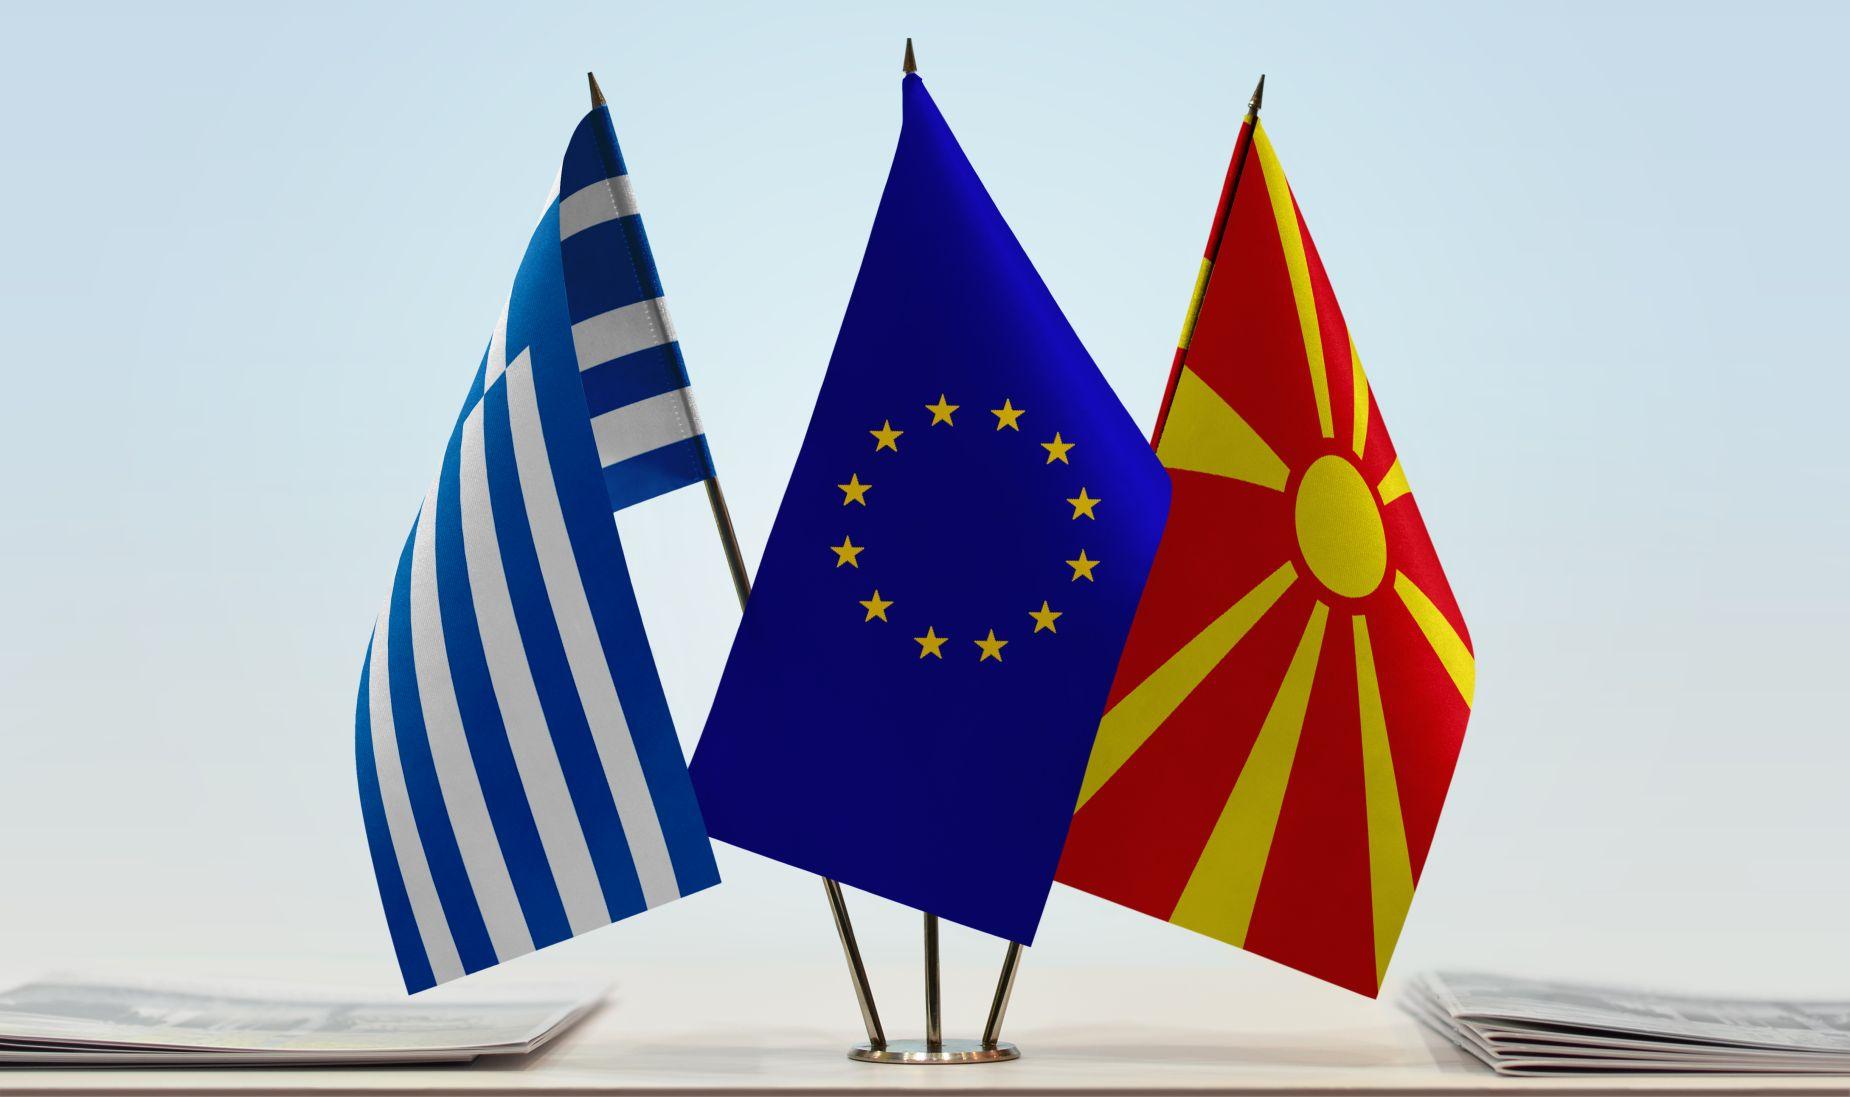 Flaga Macedonii i Grecji